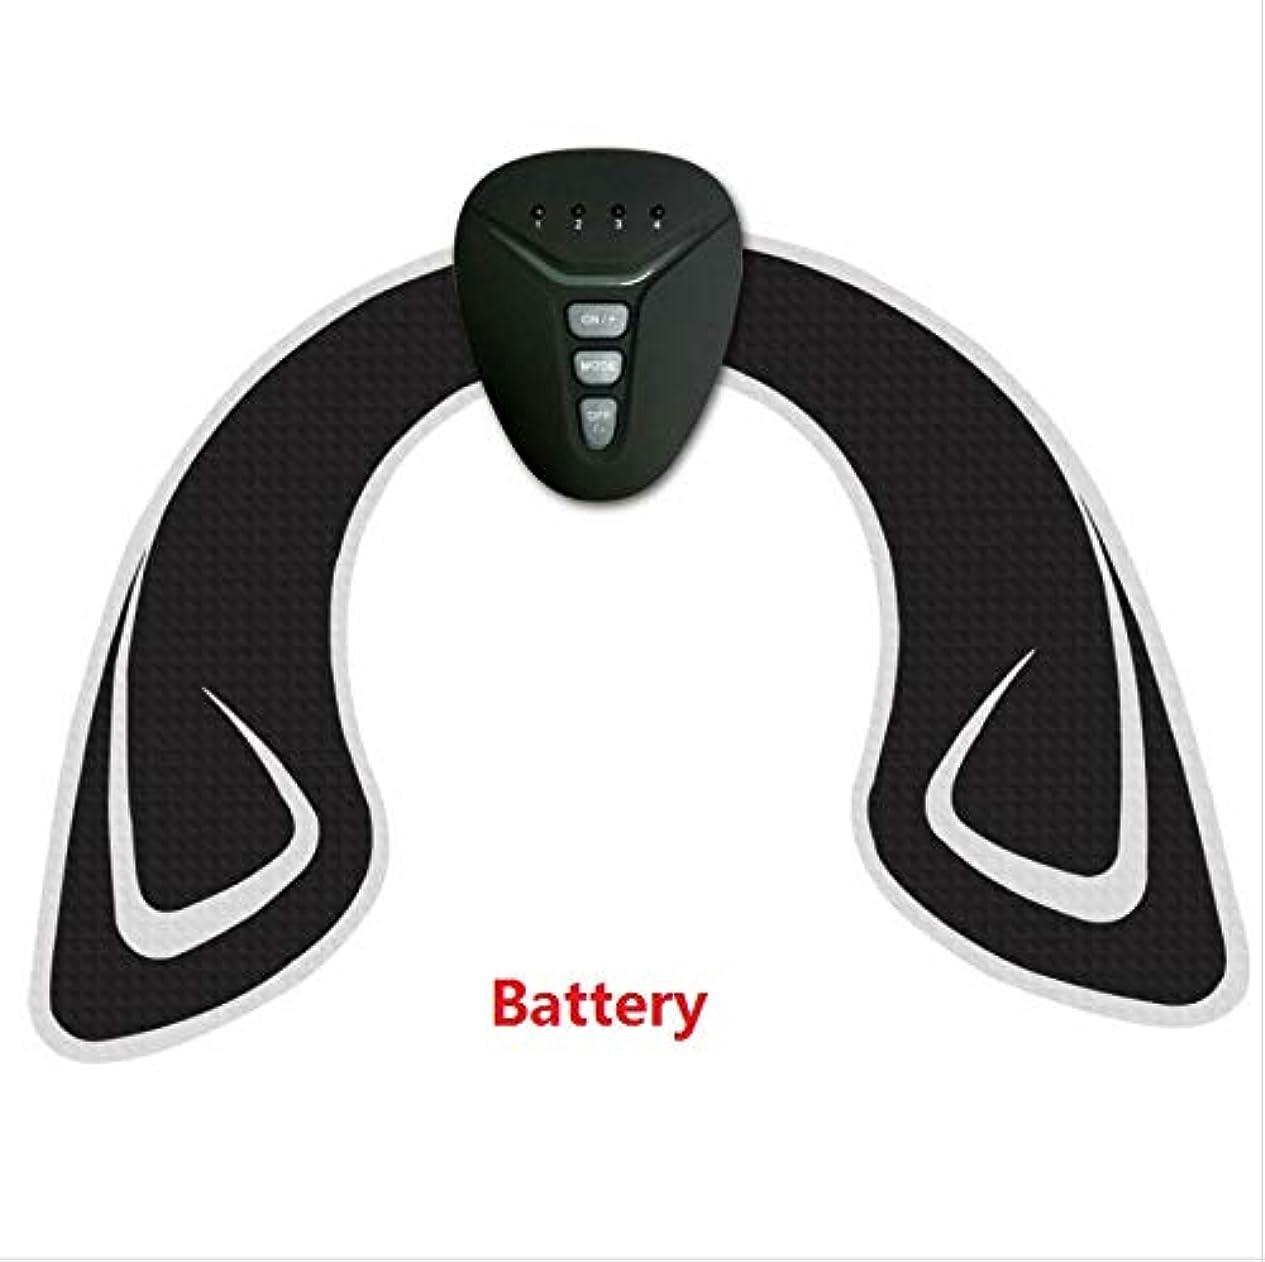 レタス不変出しますKTYX ユニセックスヒップデバイスFengqi美容ウエストシェイピングボディインストゥルメンツEMSインテリジェントマッサージ機器 マッサージャー (色 : Battery)